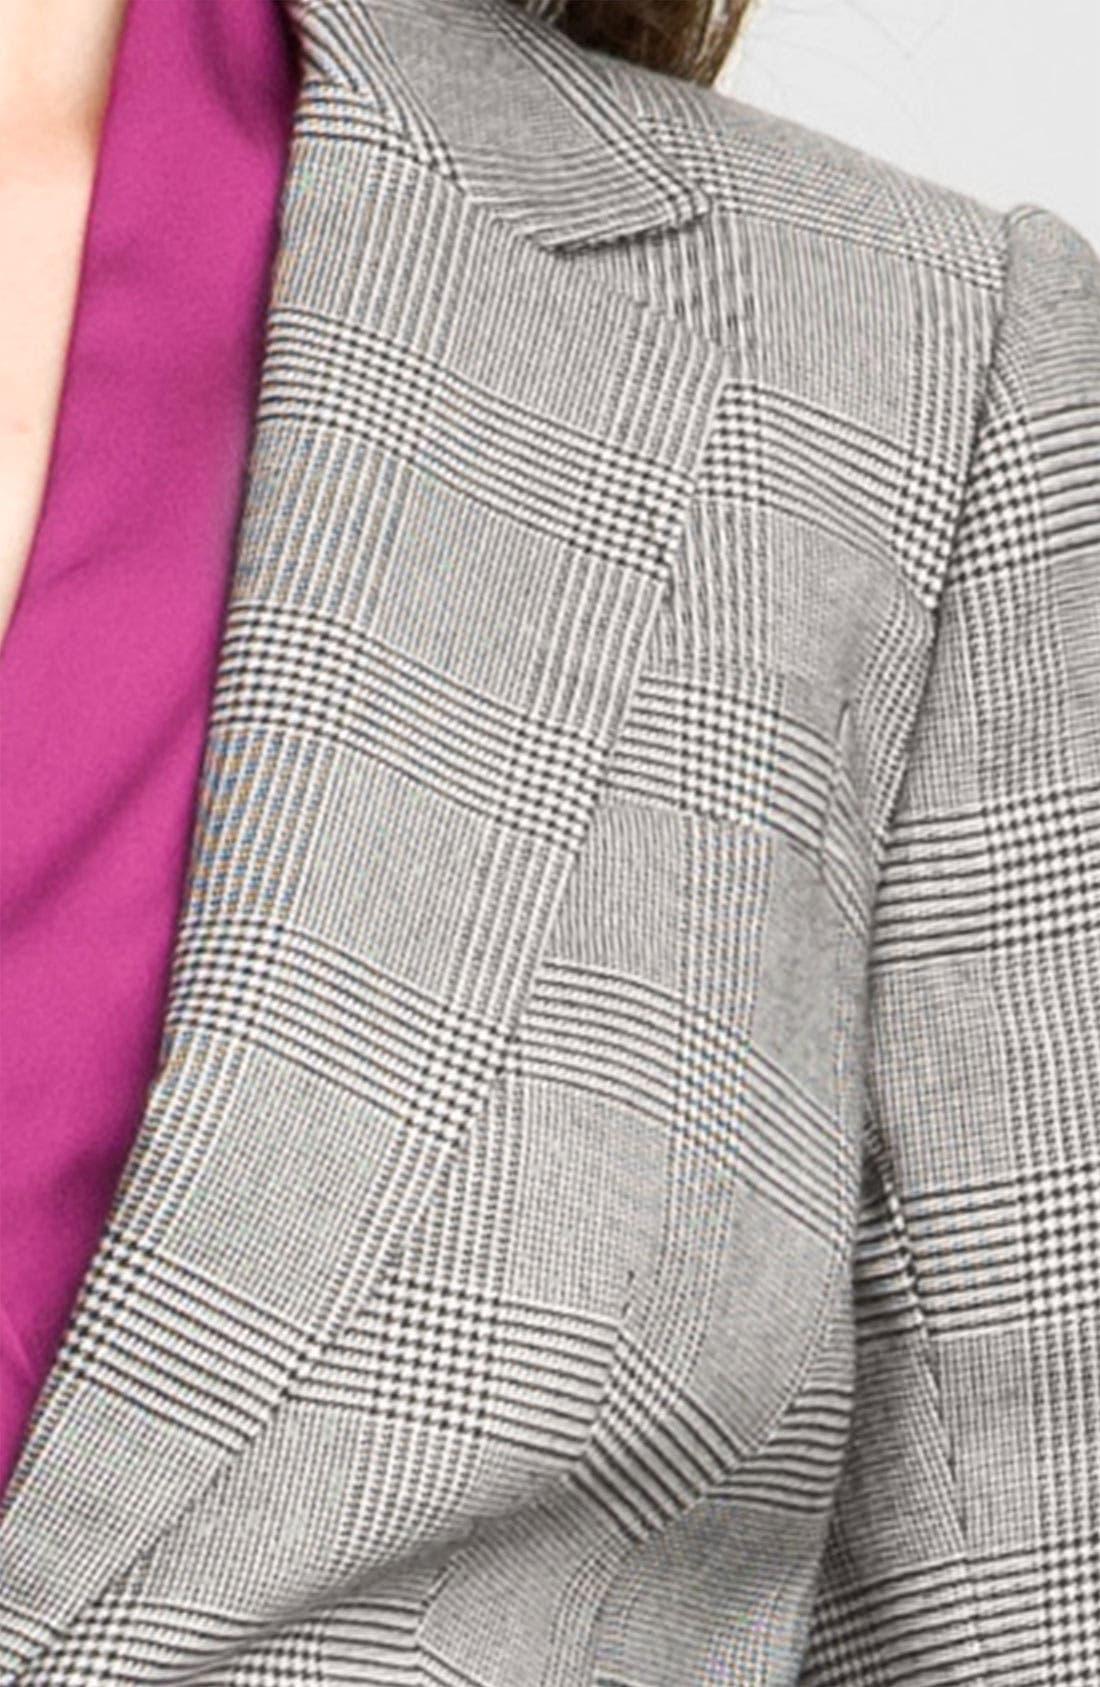 Alternate Image 3  - Trina Turk 'Ivy League' Blazer (Online Exclusive)